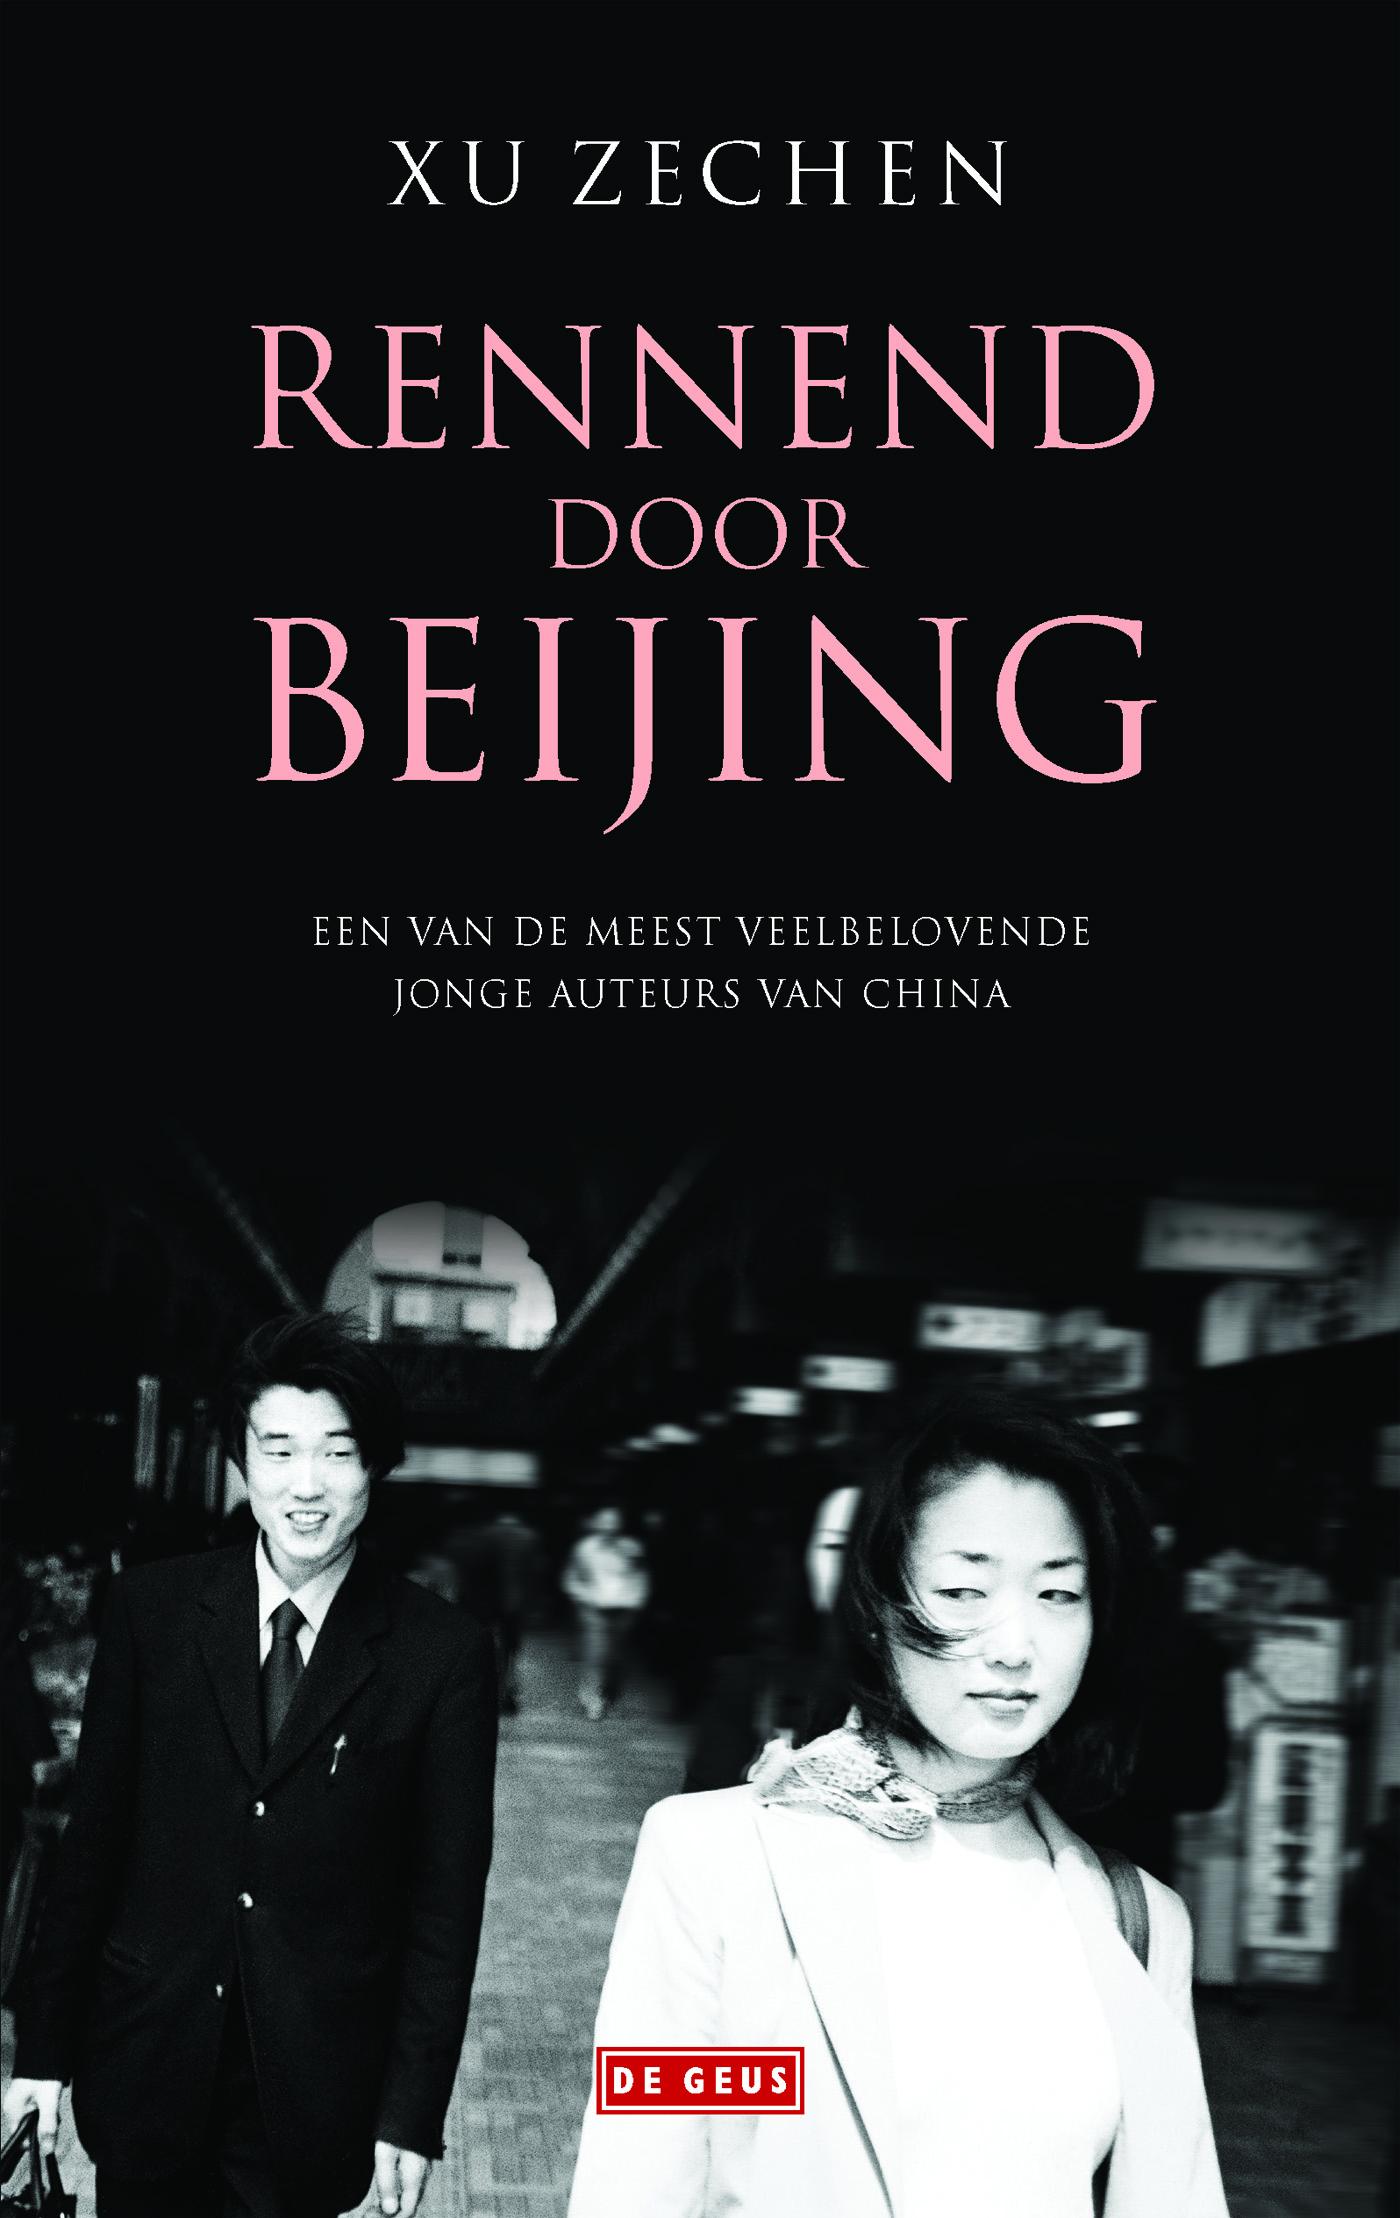 Rennend door Bejing